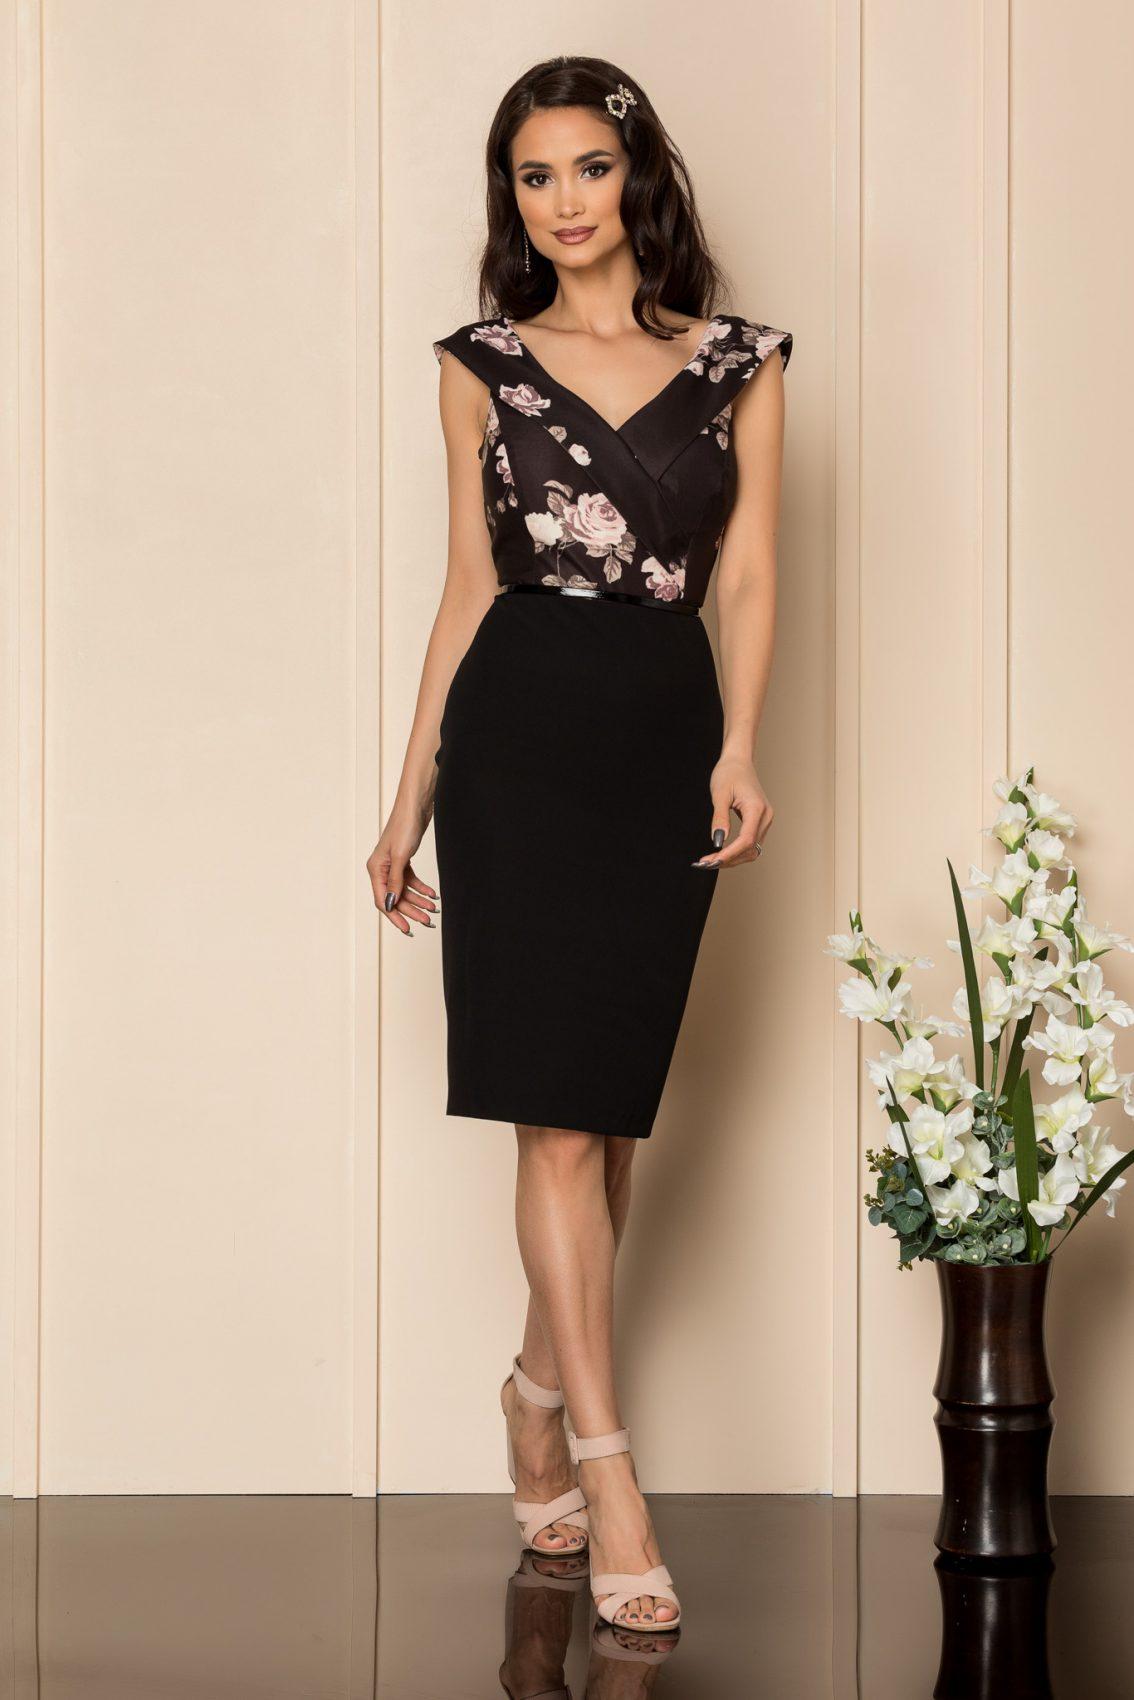 Μαύρο Φόρεμα Με Σομόν Λουλούδια Carlia A401 1